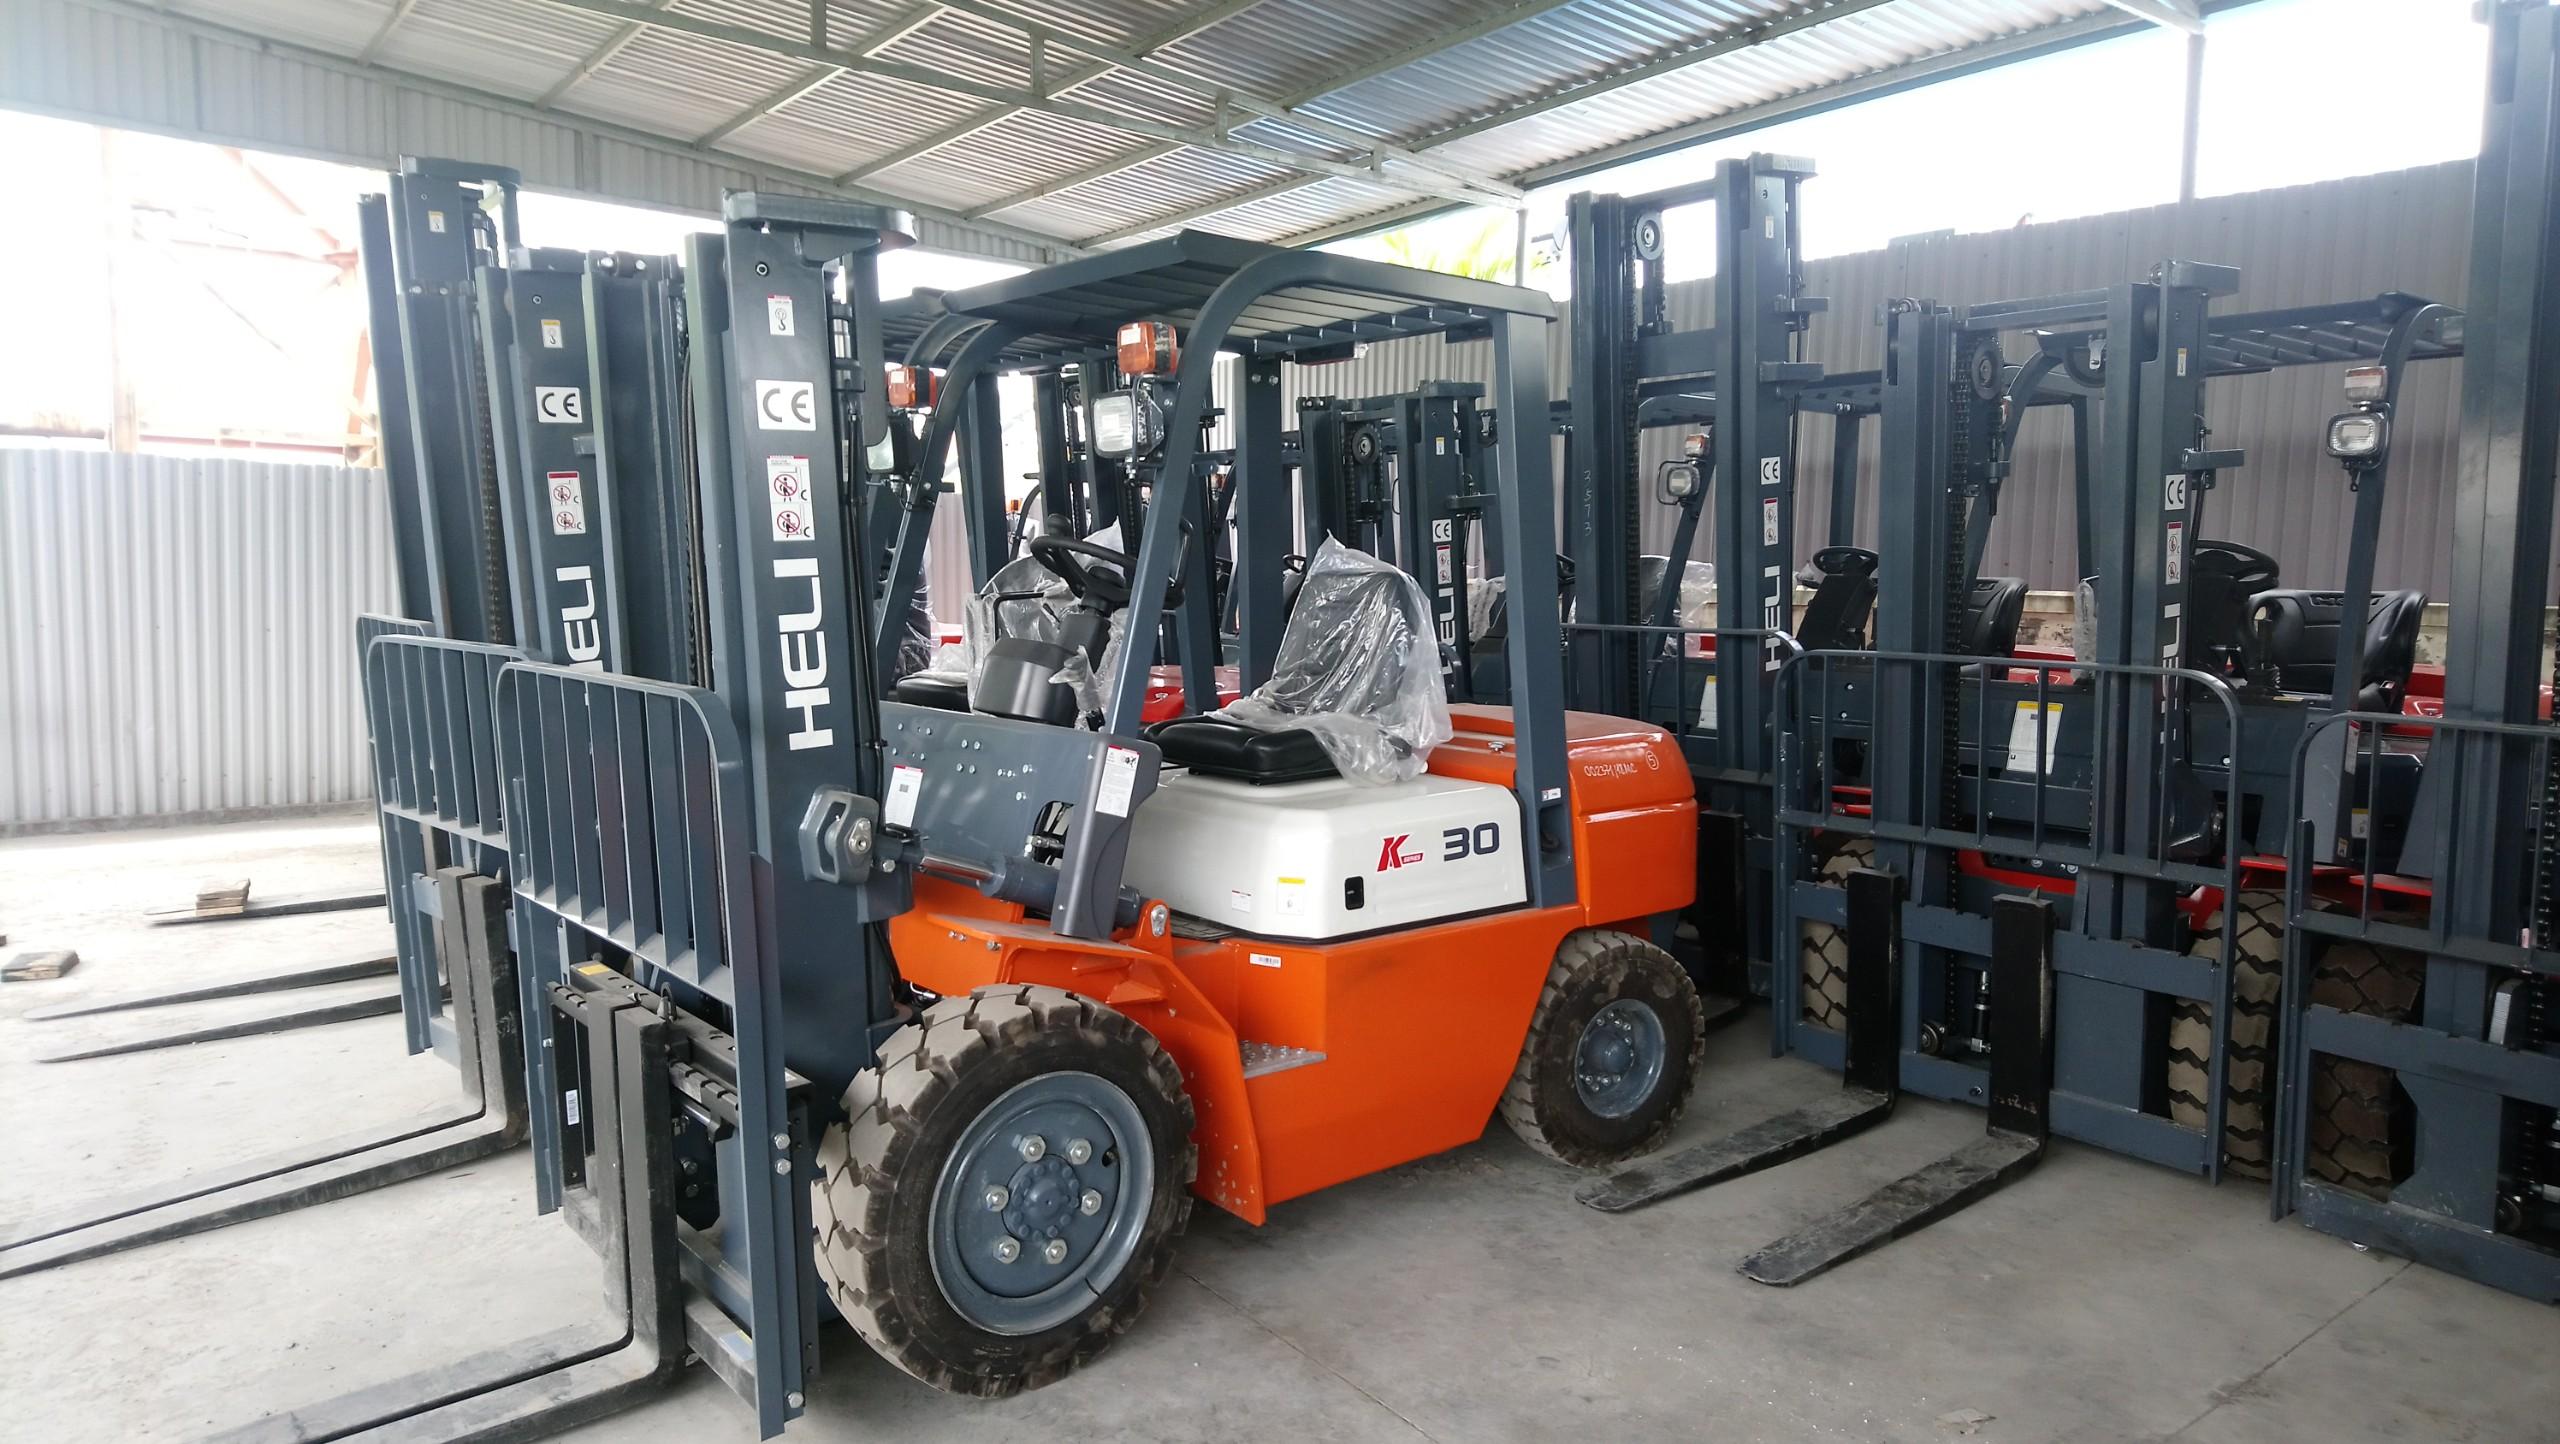 Xe nâng 3 tấn - xe nâng trung quốc động cơ C490 BPG